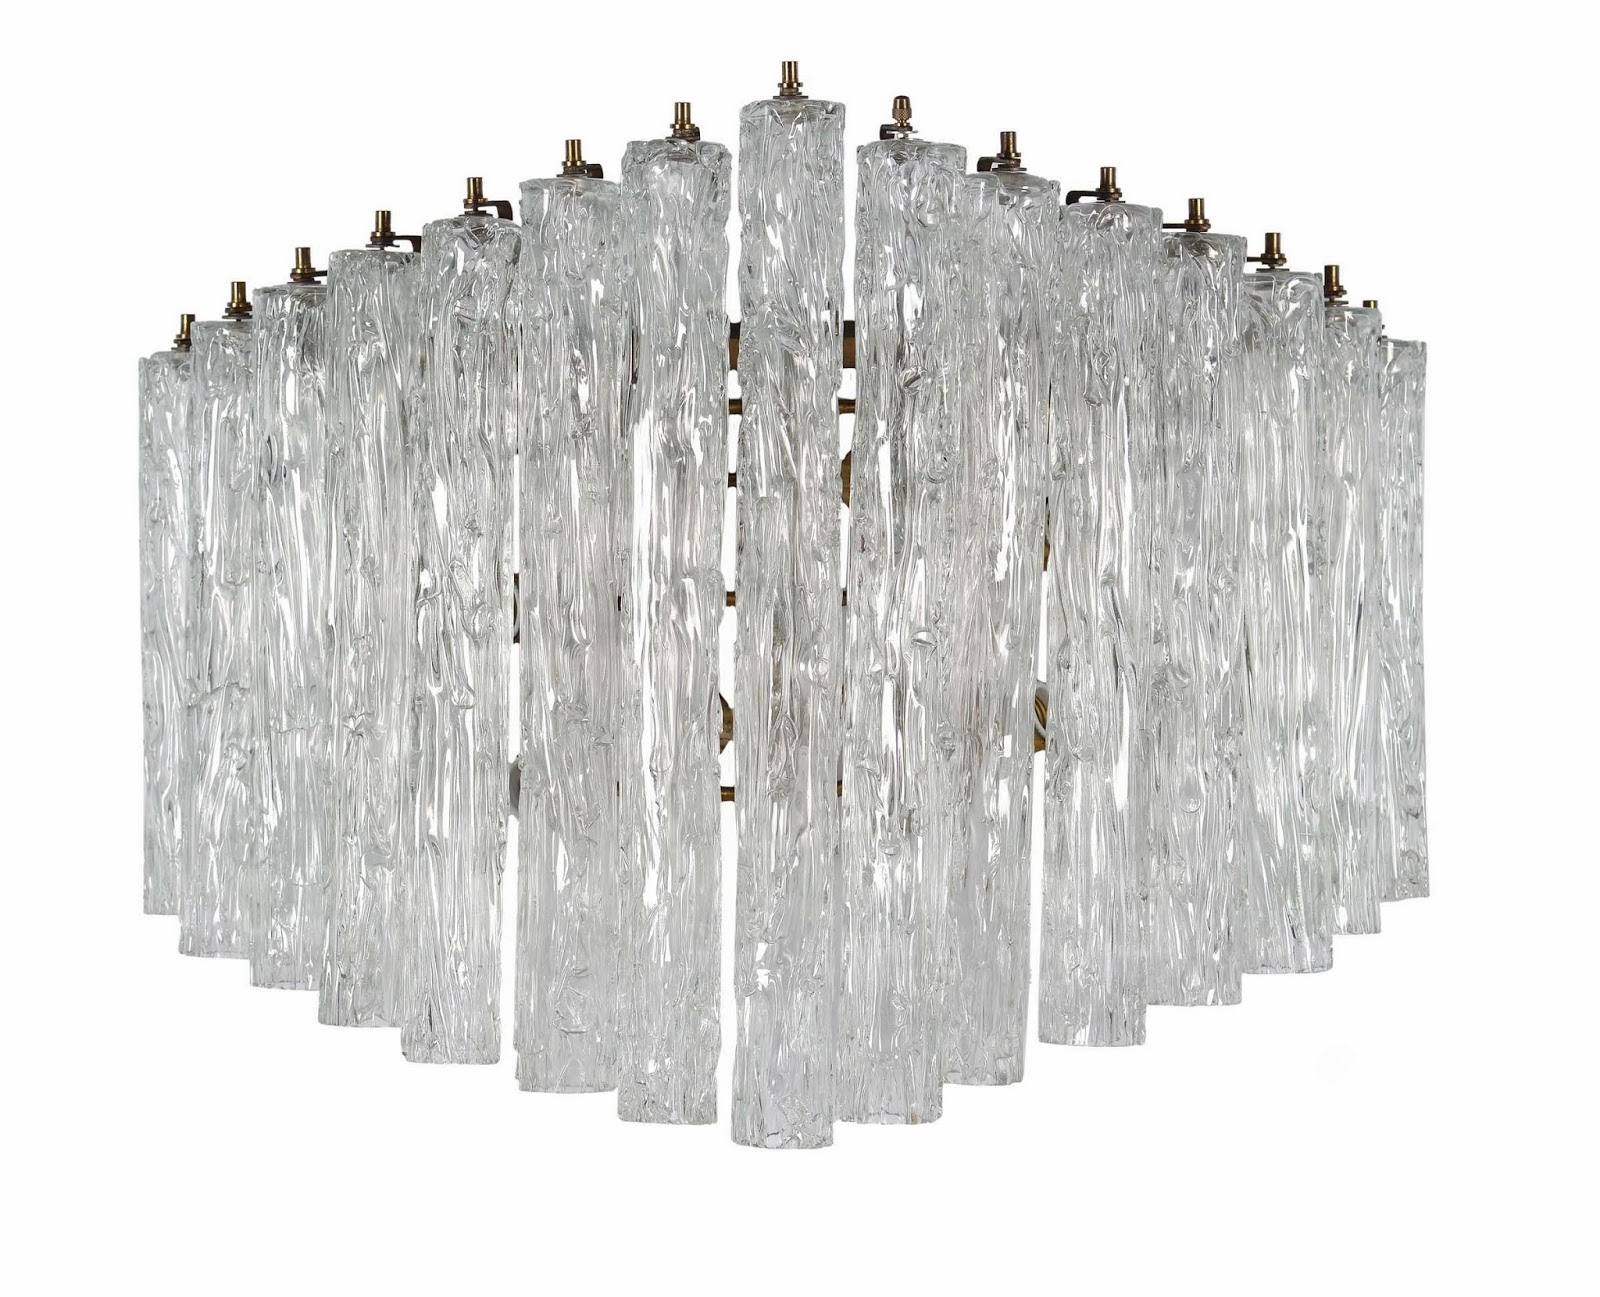 ricambi lampadari murano : fabbrica lampadari: Ricambi in vetro di Murano per vecchi lampadari ...